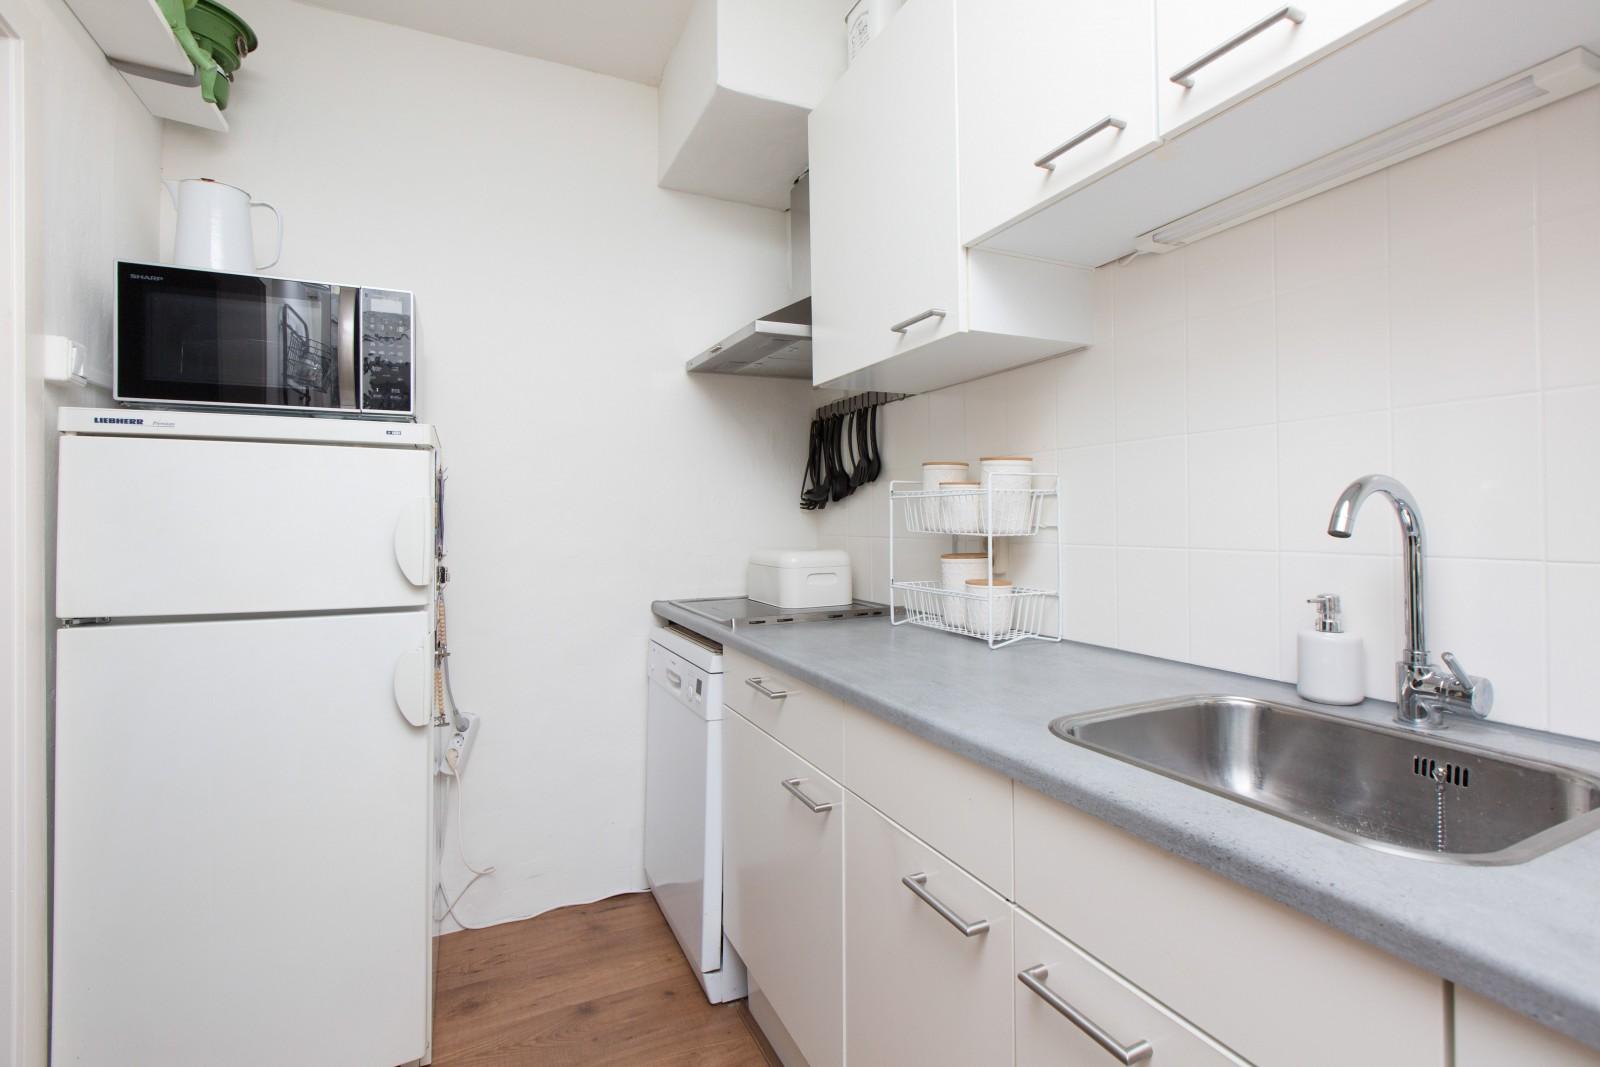 Huizen archief struiksma makelaars - Vergroot uw keuken ...